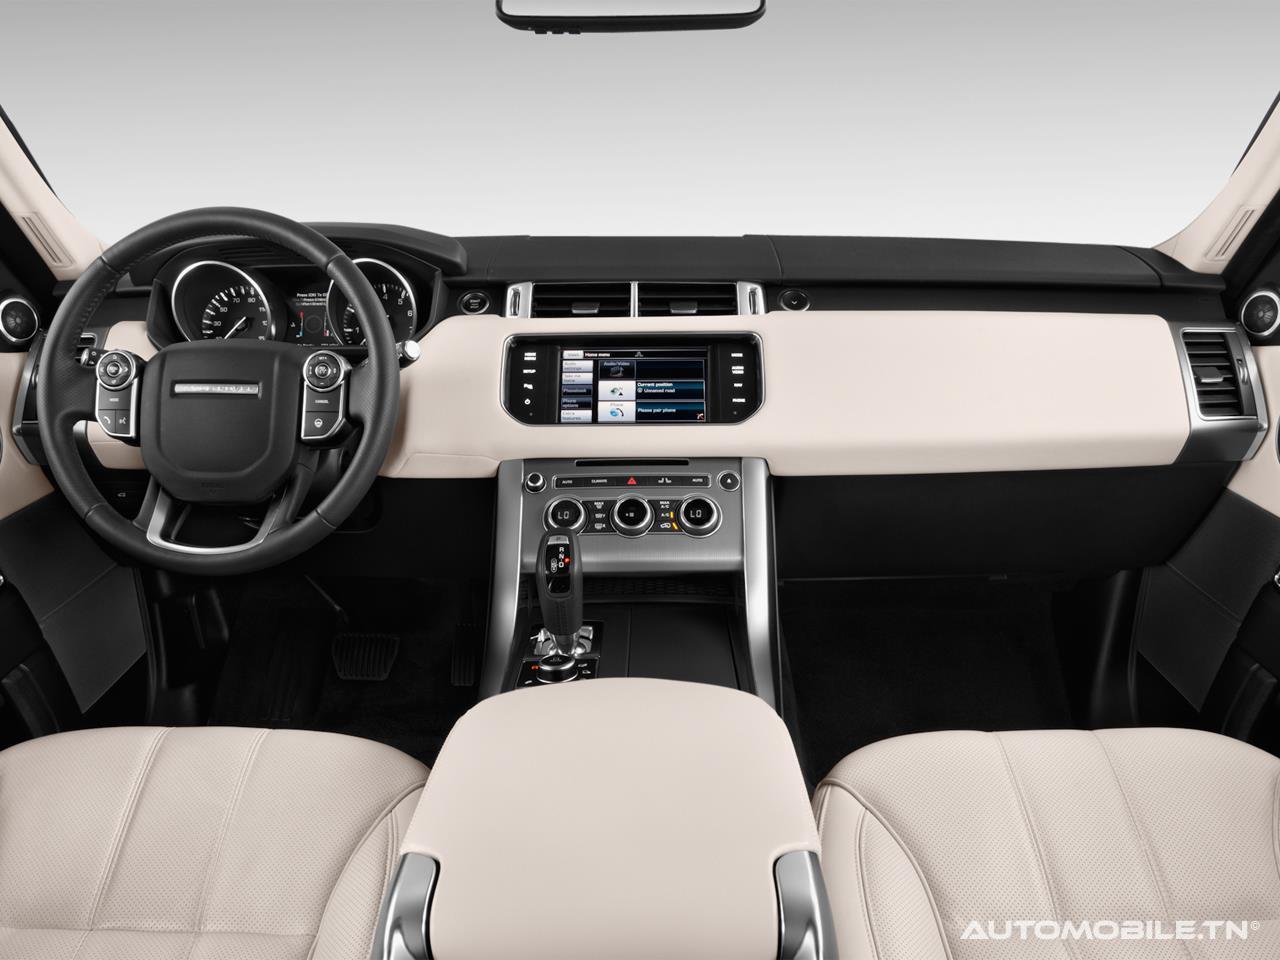 prix land rover range rover sport a partir de 505 300 dt. Black Bedroom Furniture Sets. Home Design Ideas